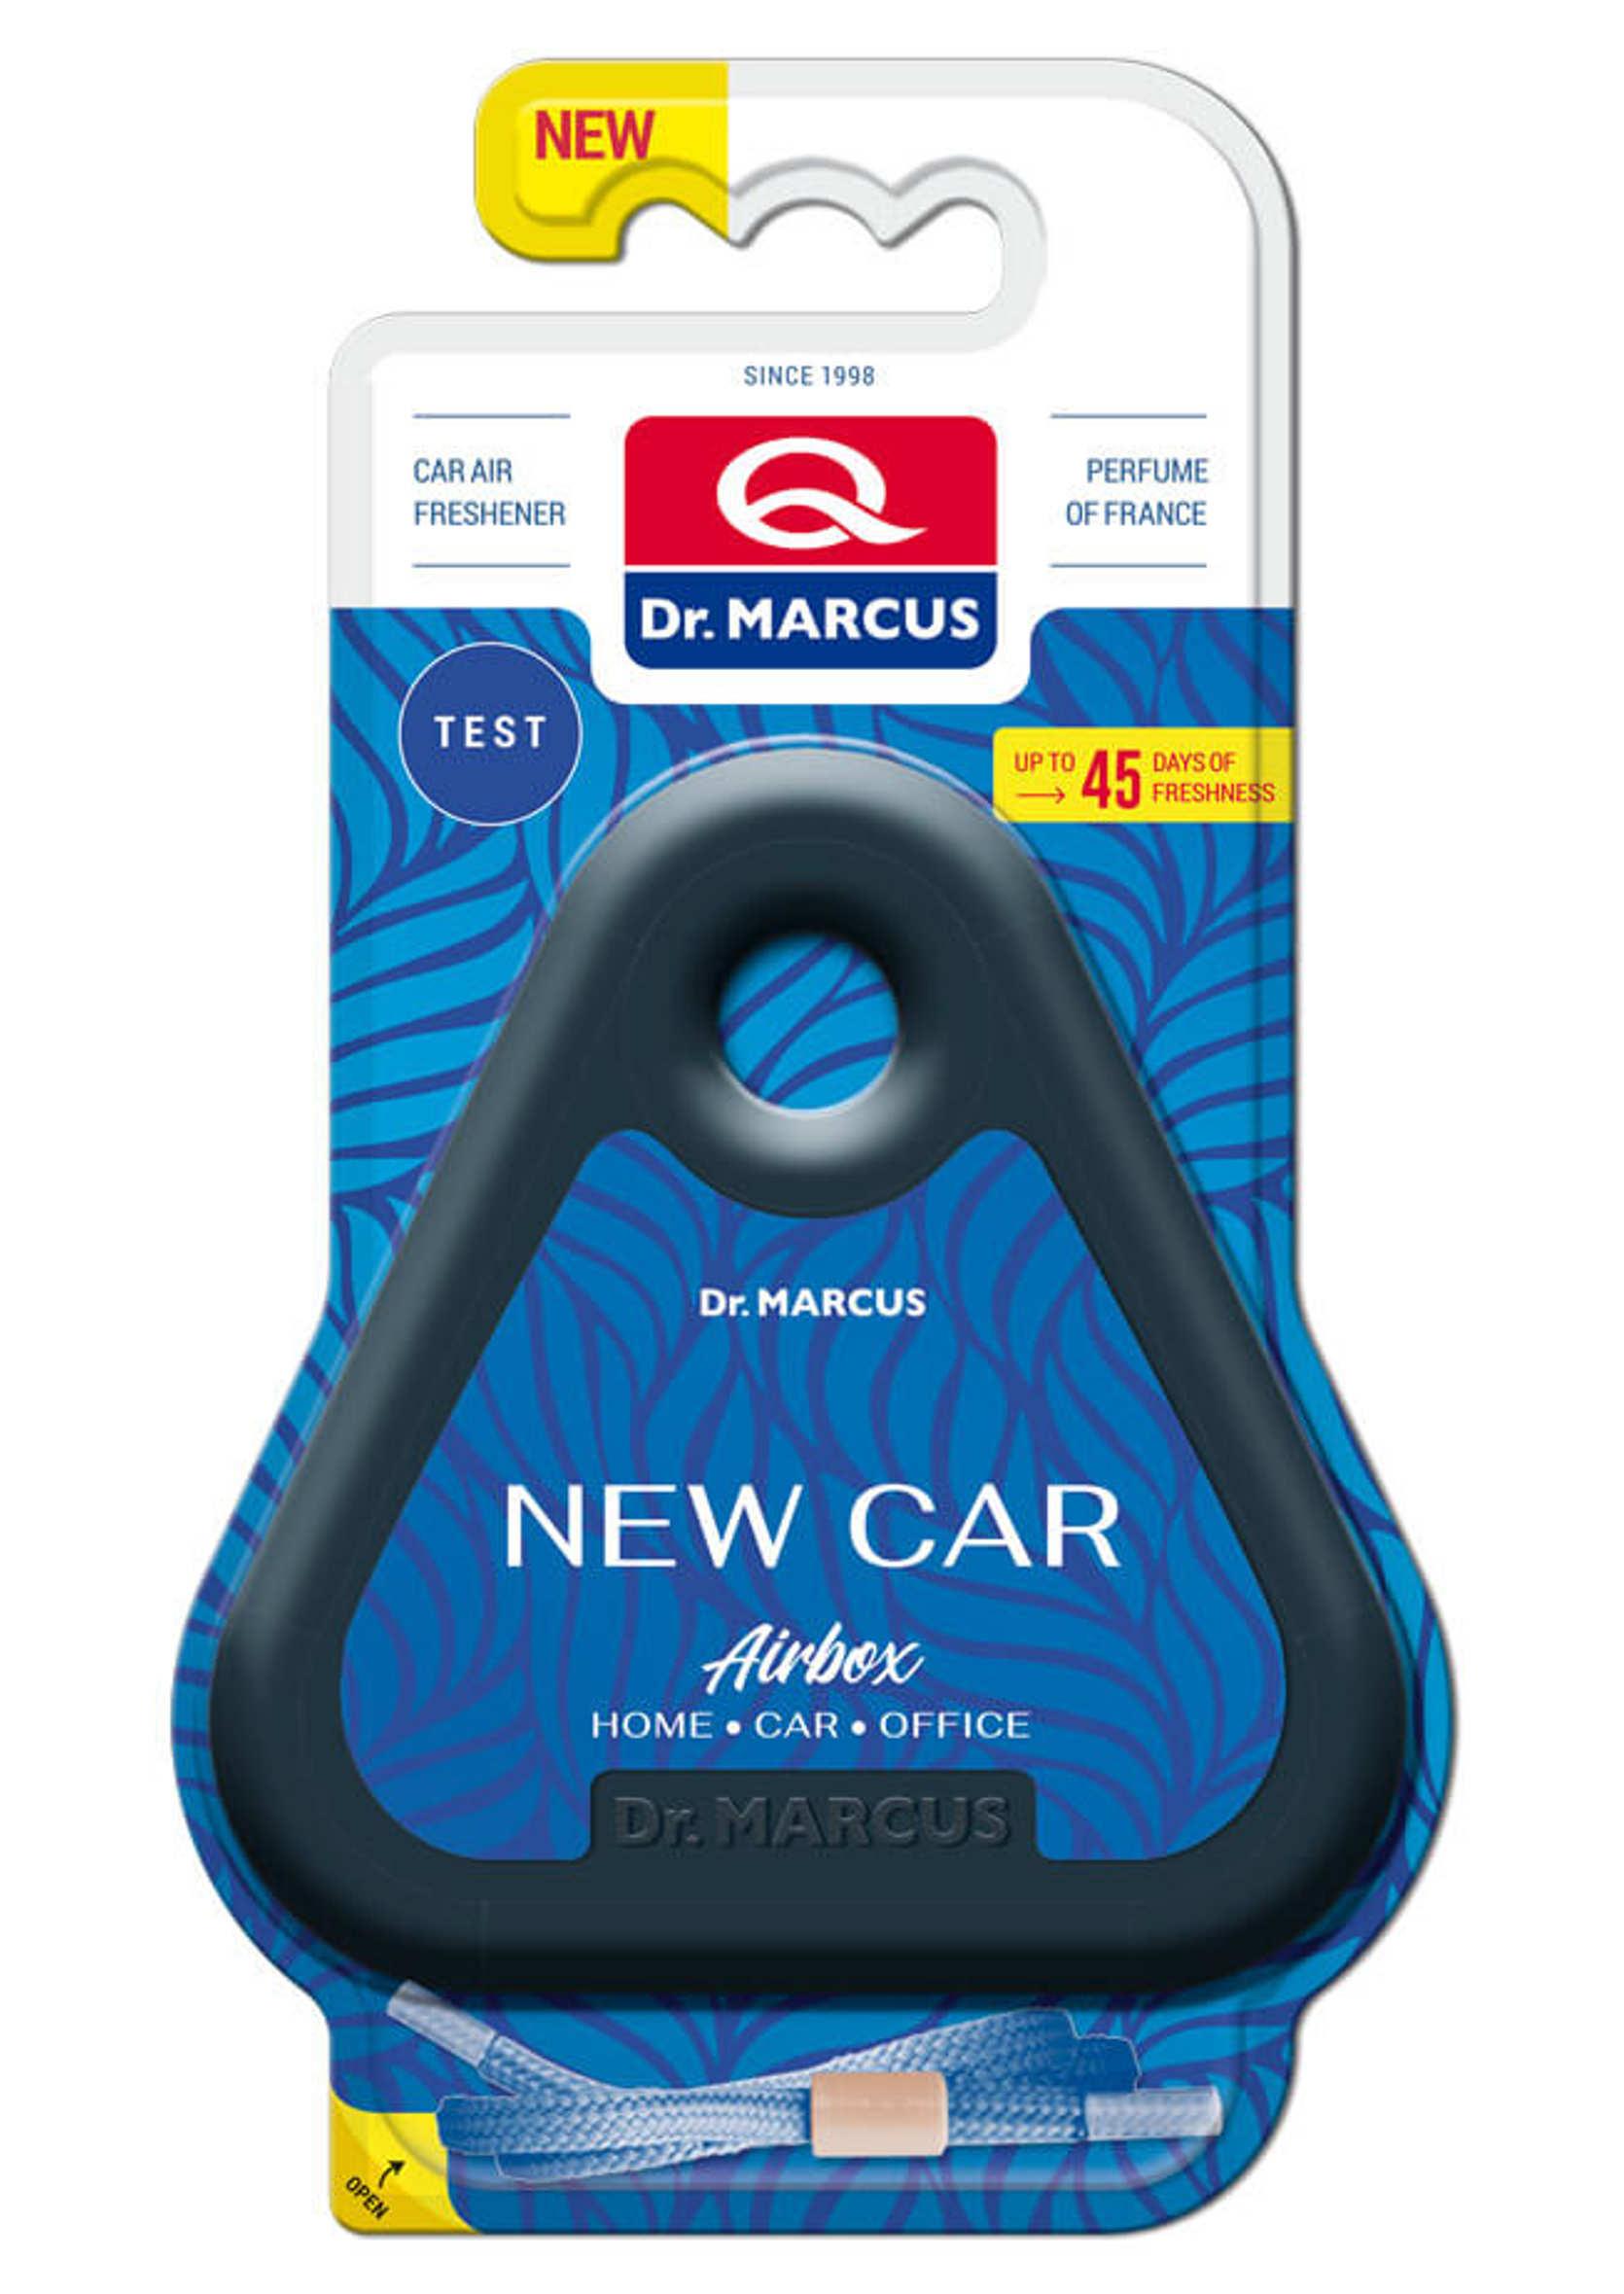 Dr Marcus Airbox New Car Odświeżacz zapach samochodowy pod siedzenie